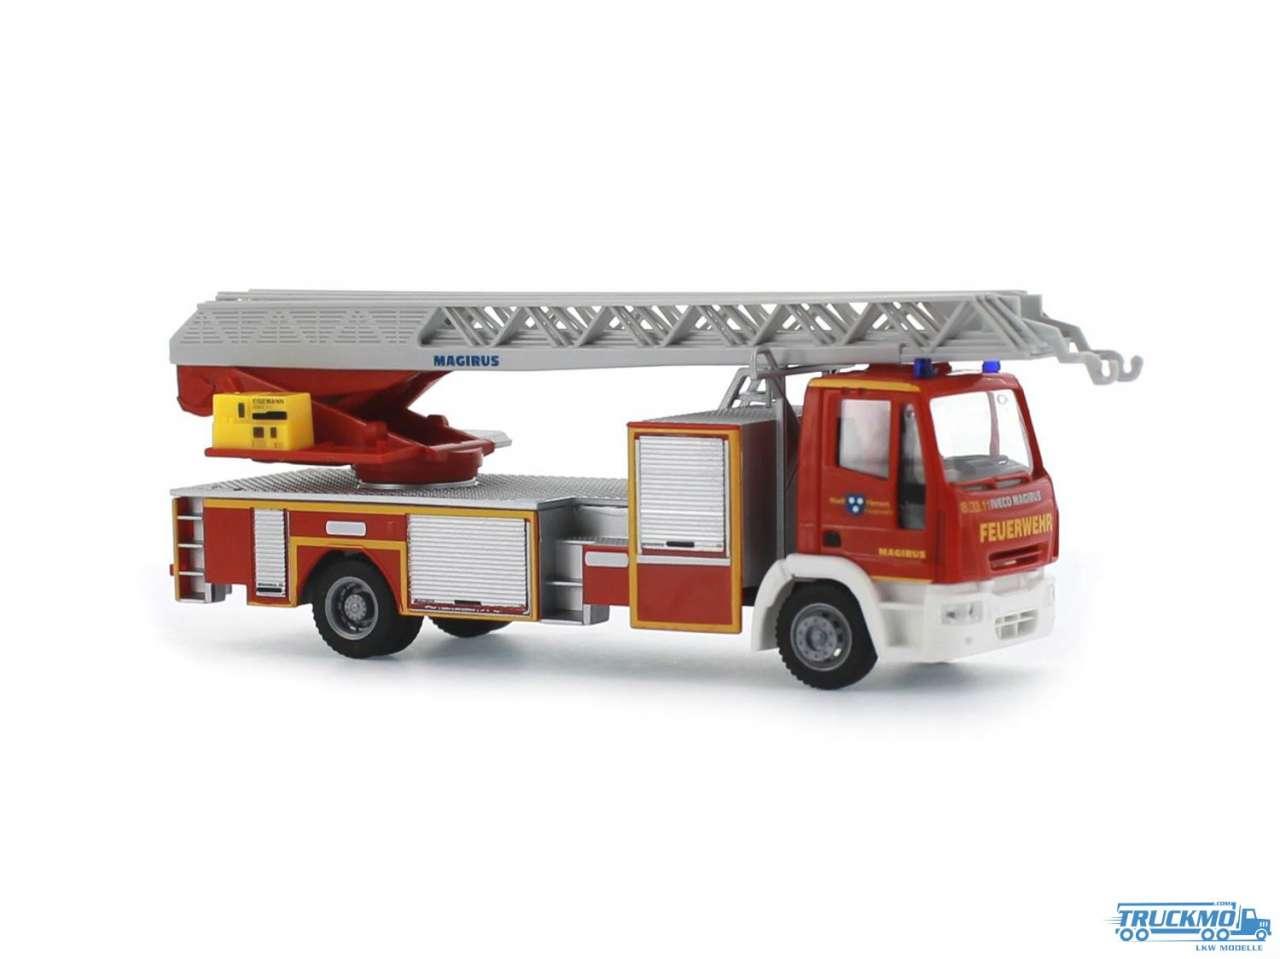 Rietze Feuerwehr Viersen Iveco Magirus DLK 32 68536